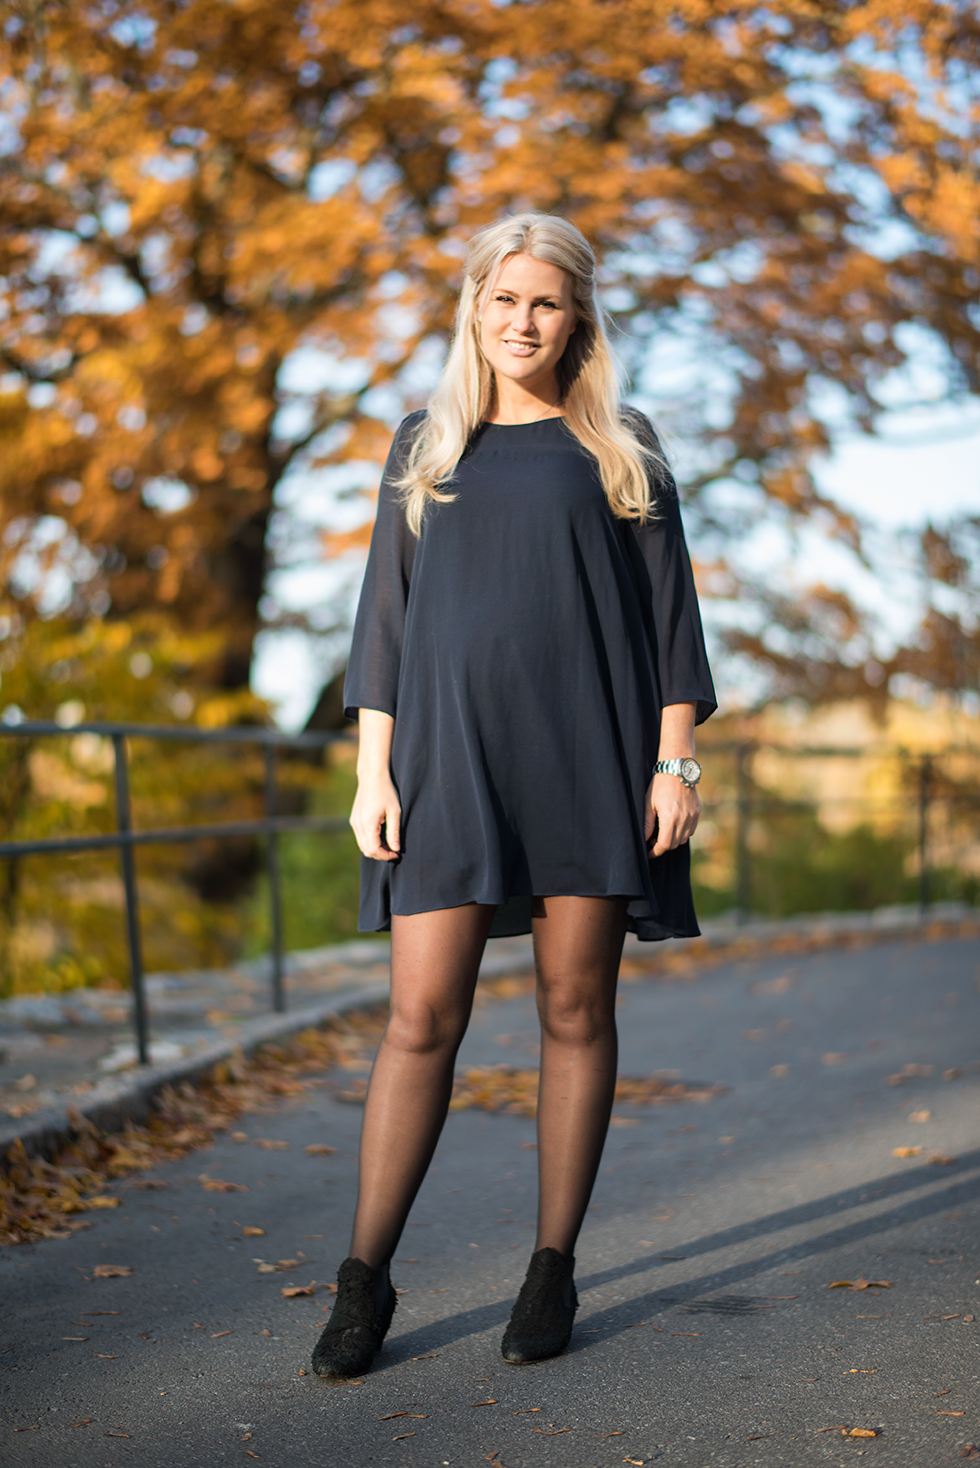 svart klänning på barndop